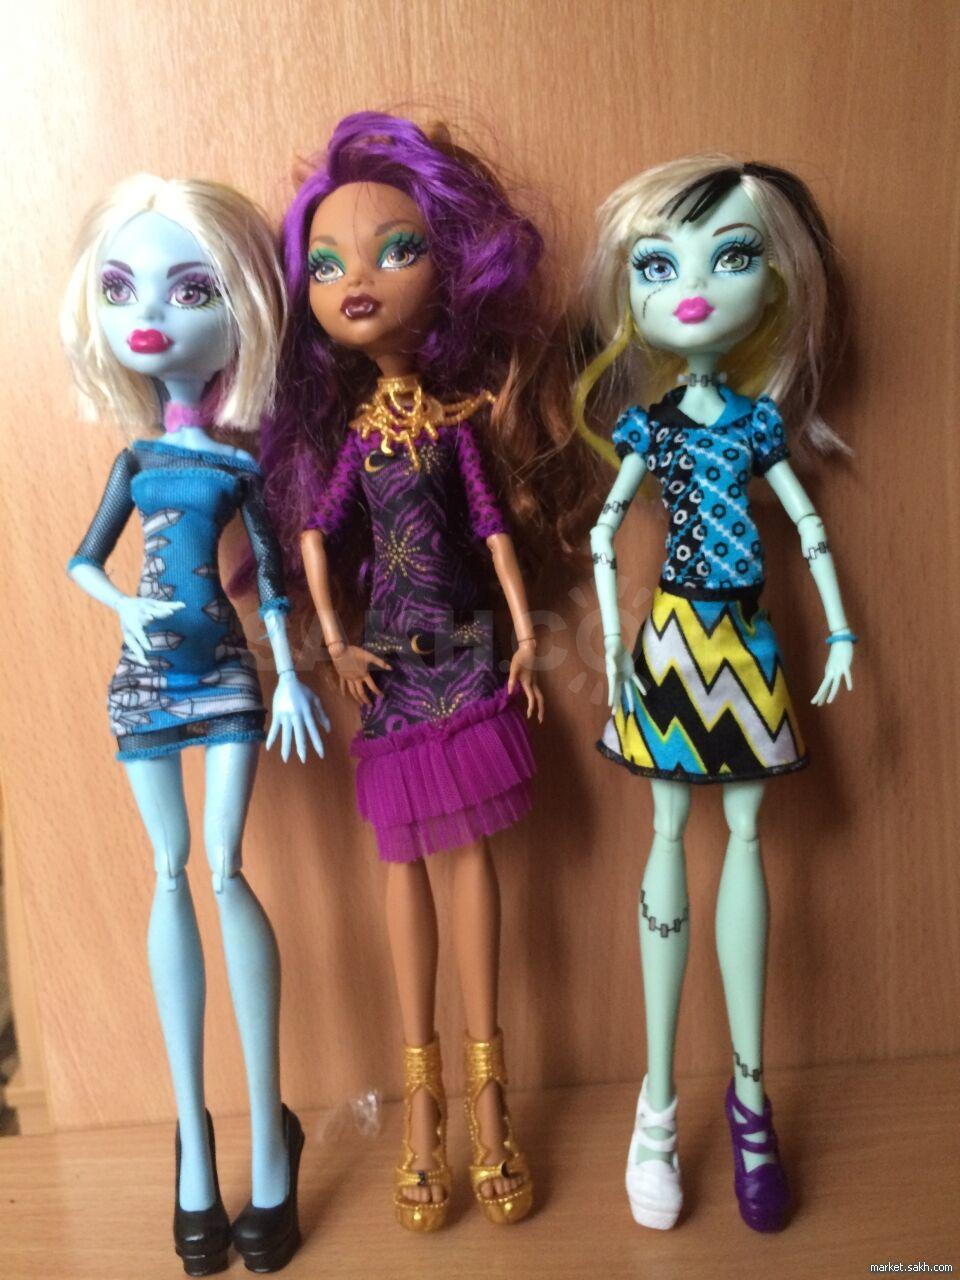 7803ccf0839 Продаются куклы монстер хай. 700 рублей каждая. Состояние идеальное. Можно  писать смс